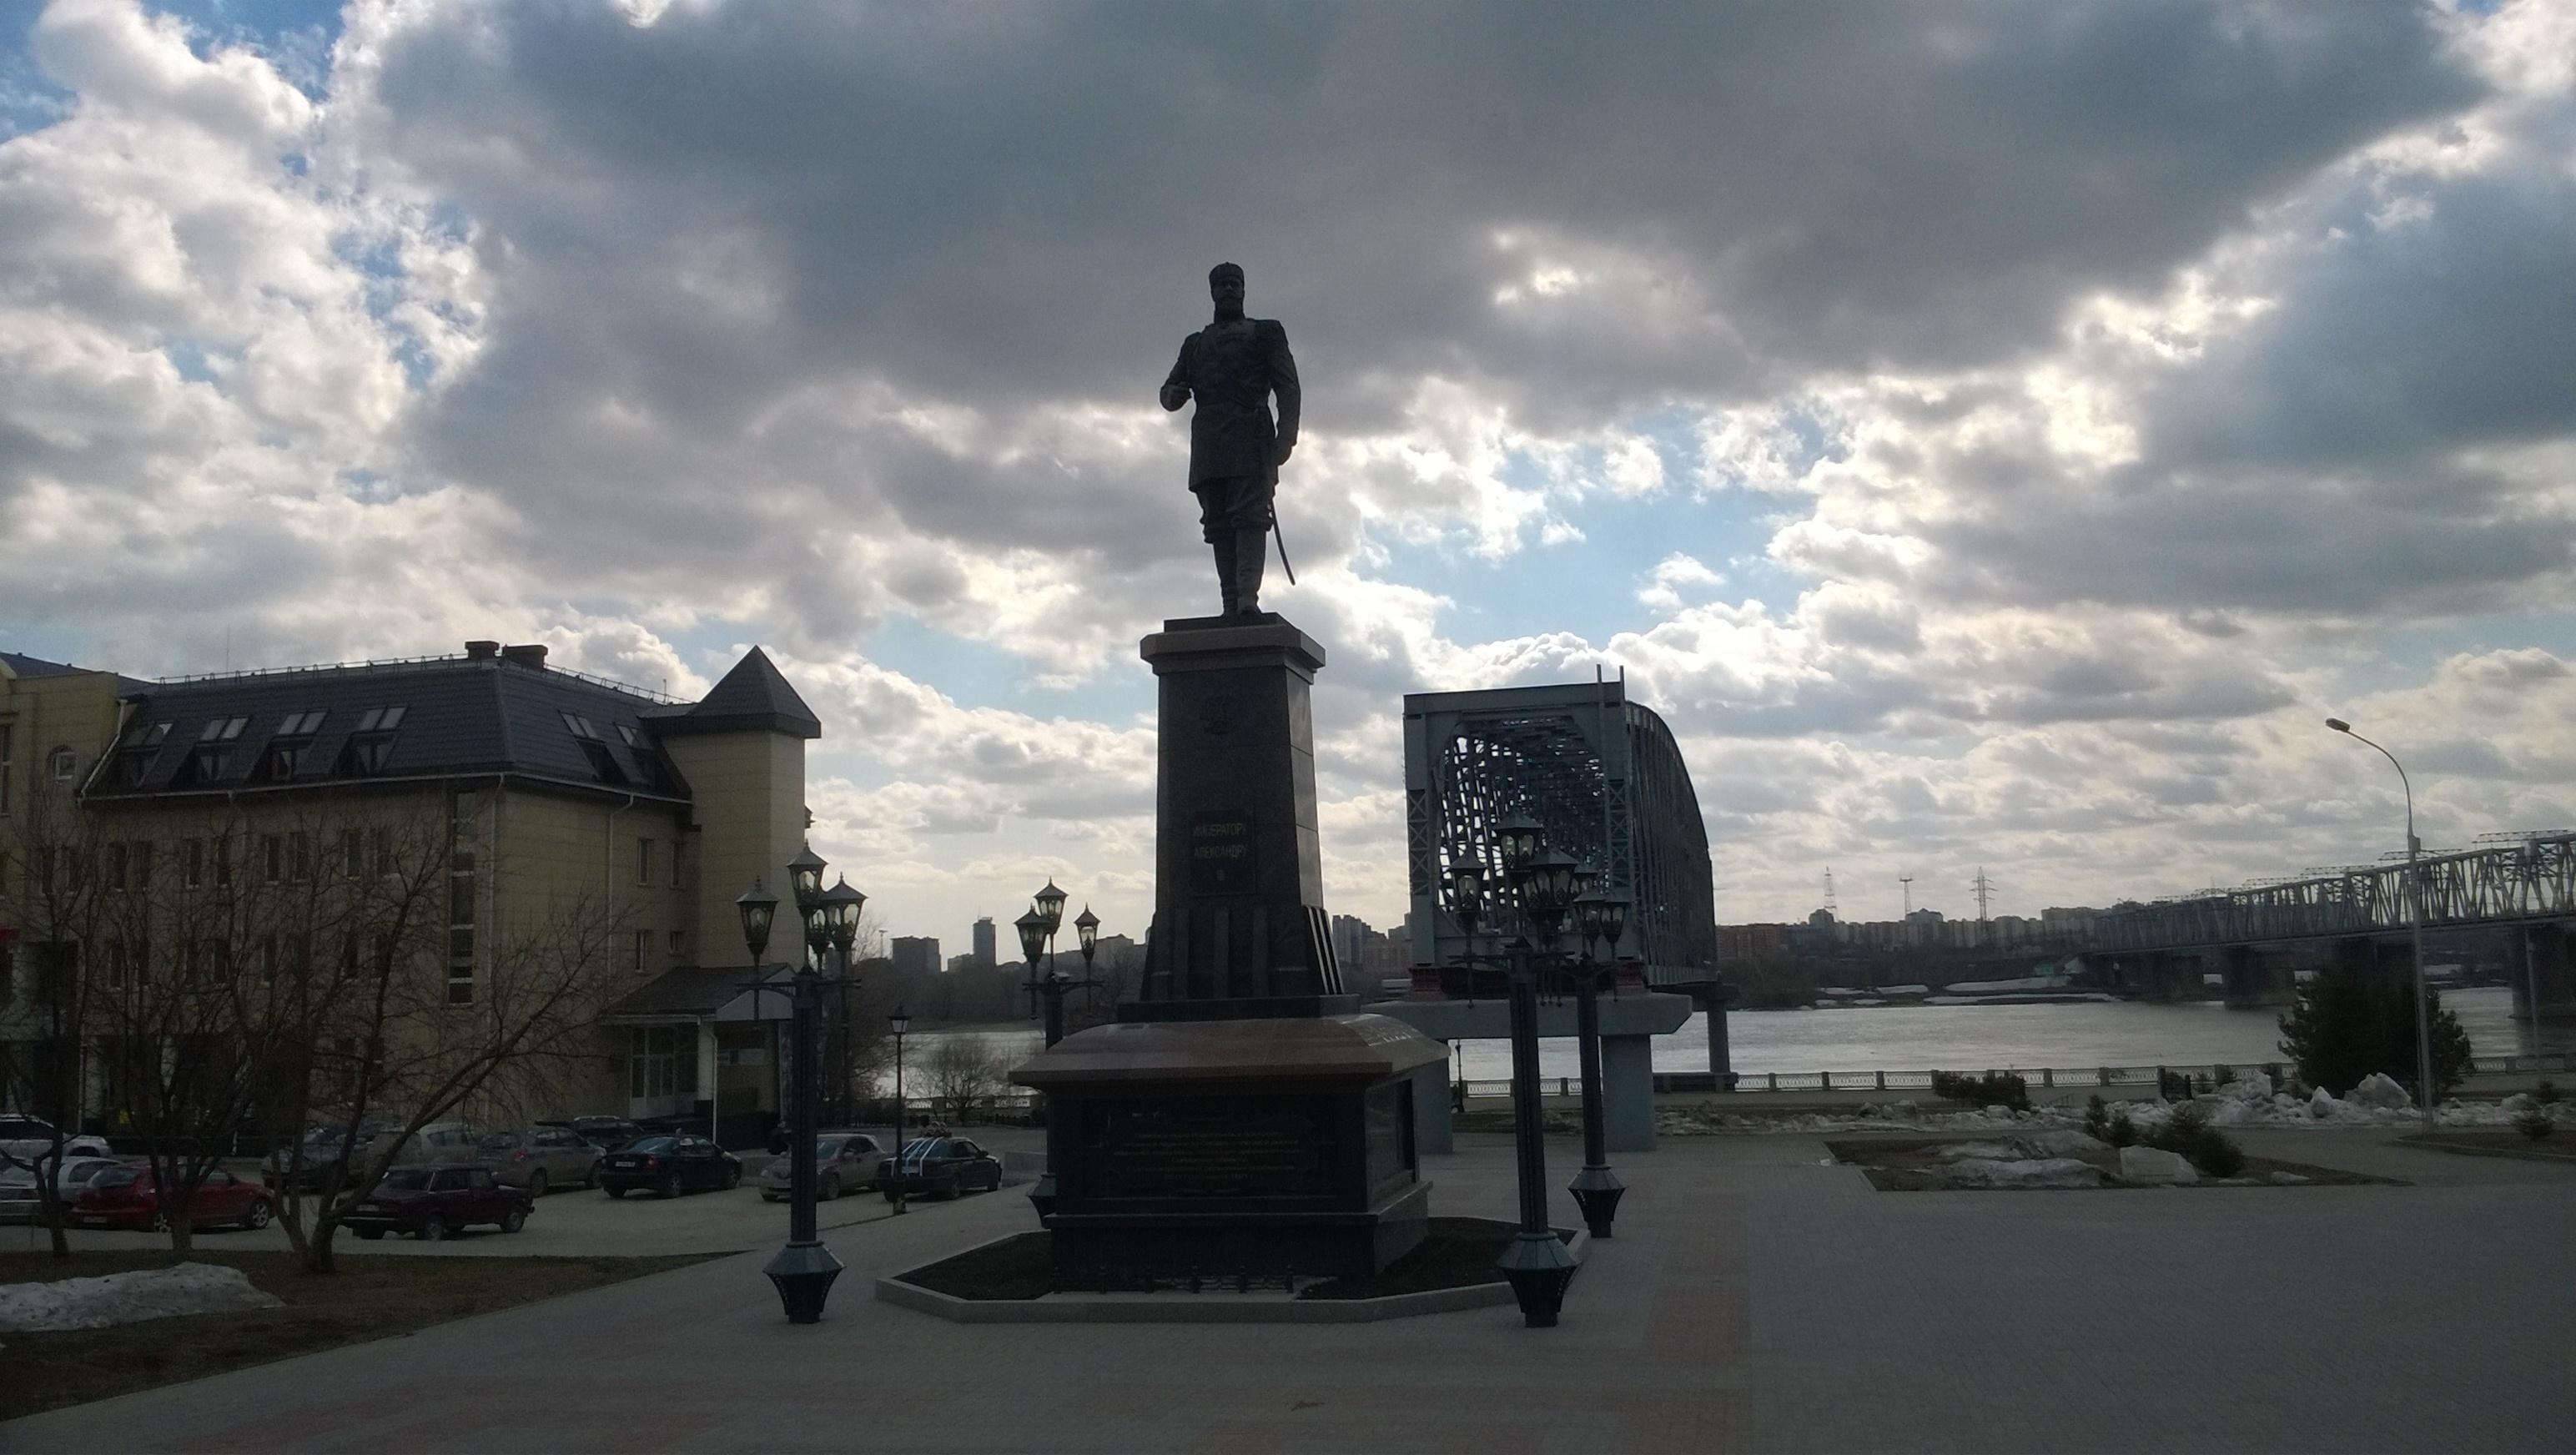 Памятник на могилу Бузулук памятник с ангелом Александровск